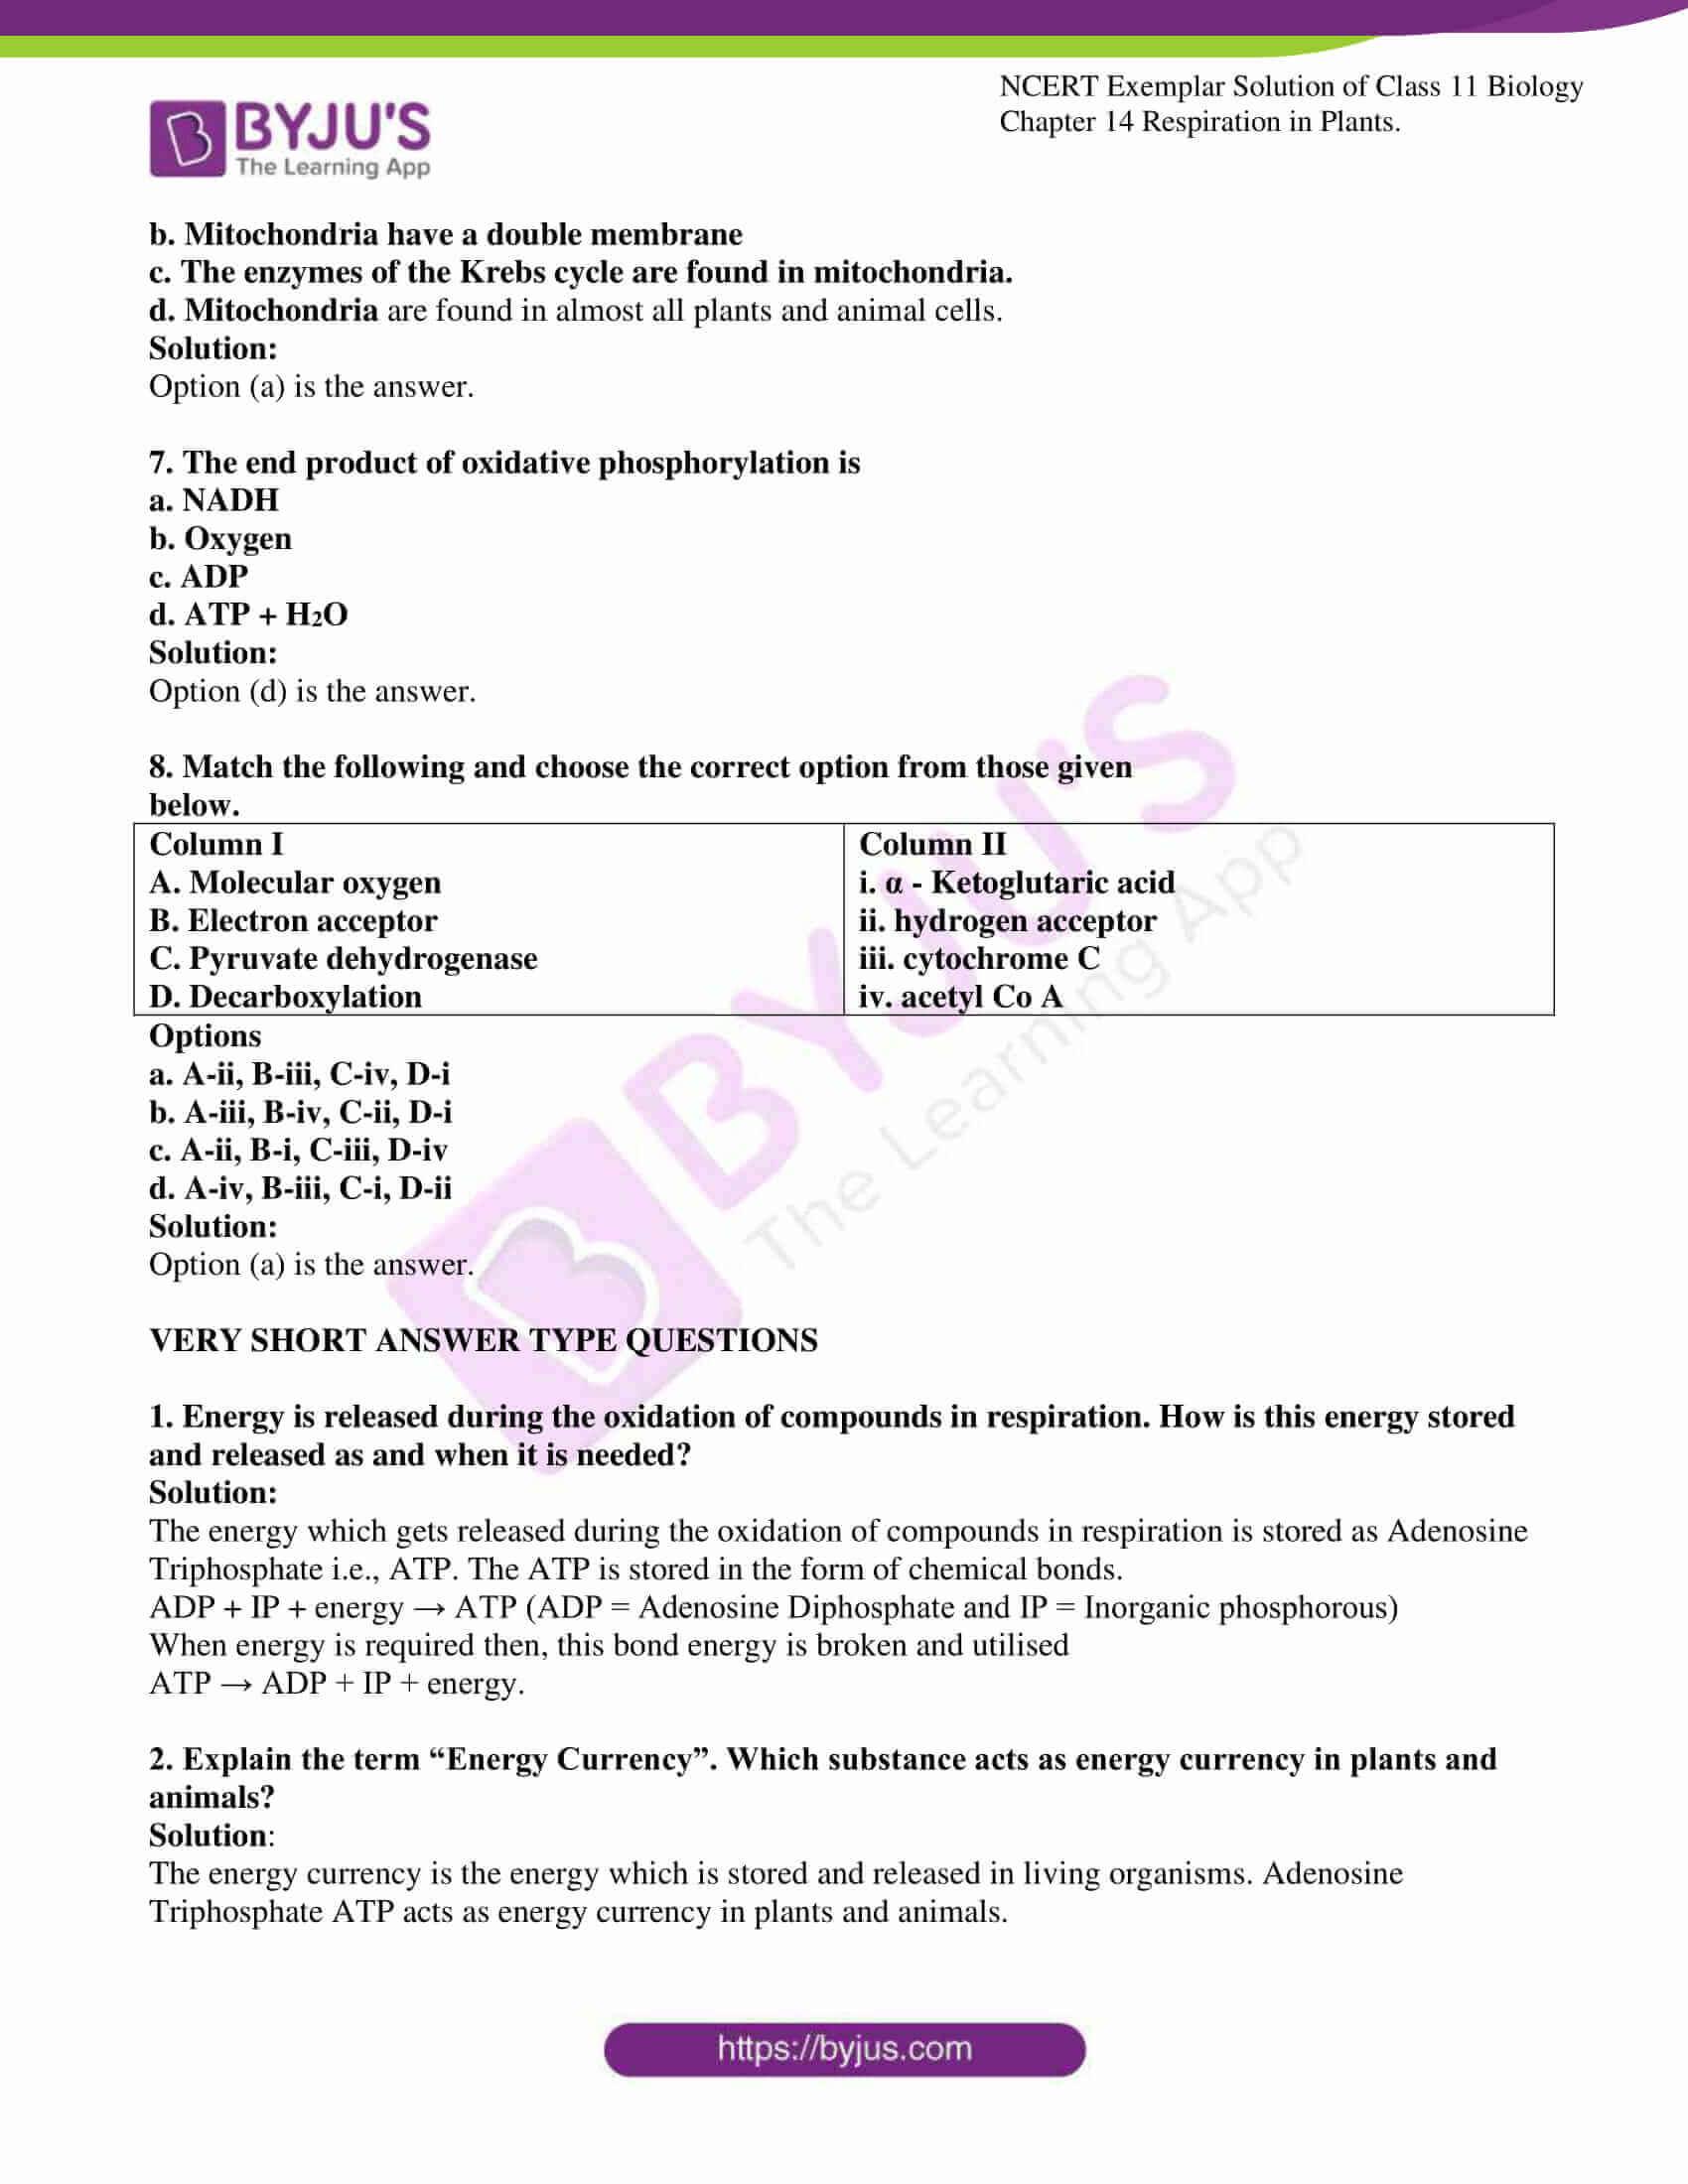 ncert exemplar solutions class 11 biology chapter 14 02